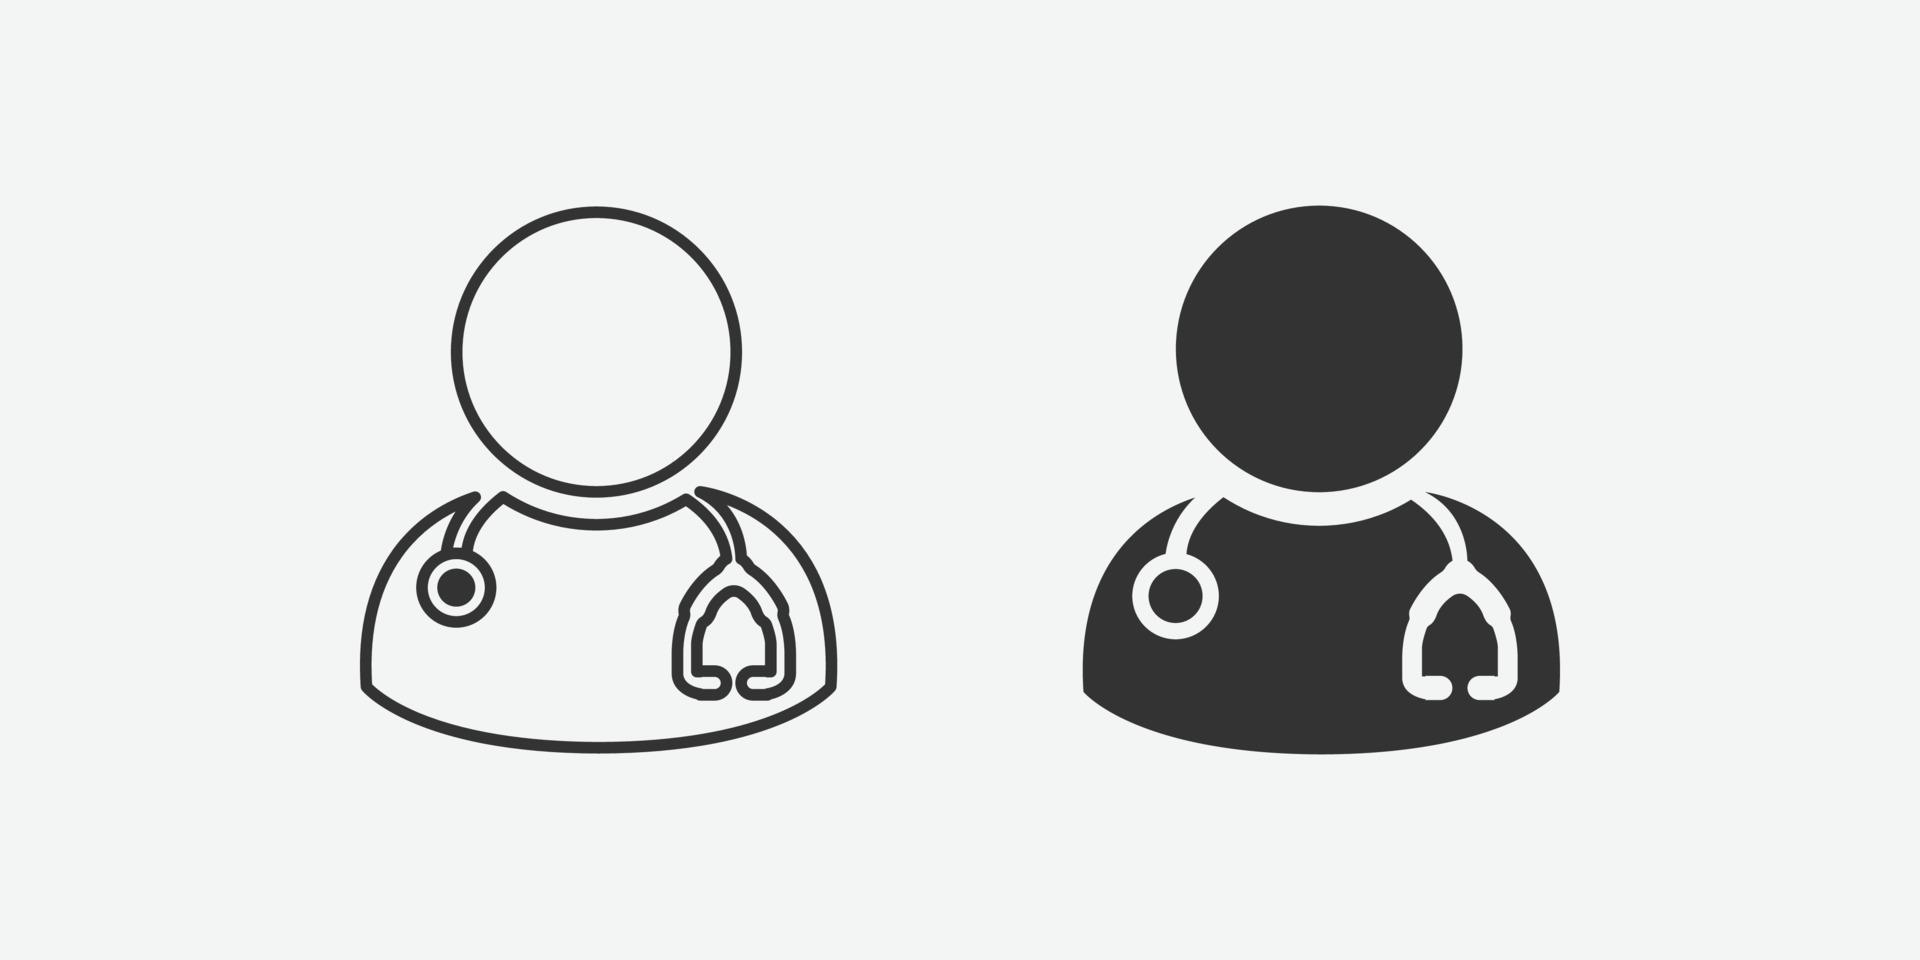 läkare med stetoskop vektor isolerad ikon för webben